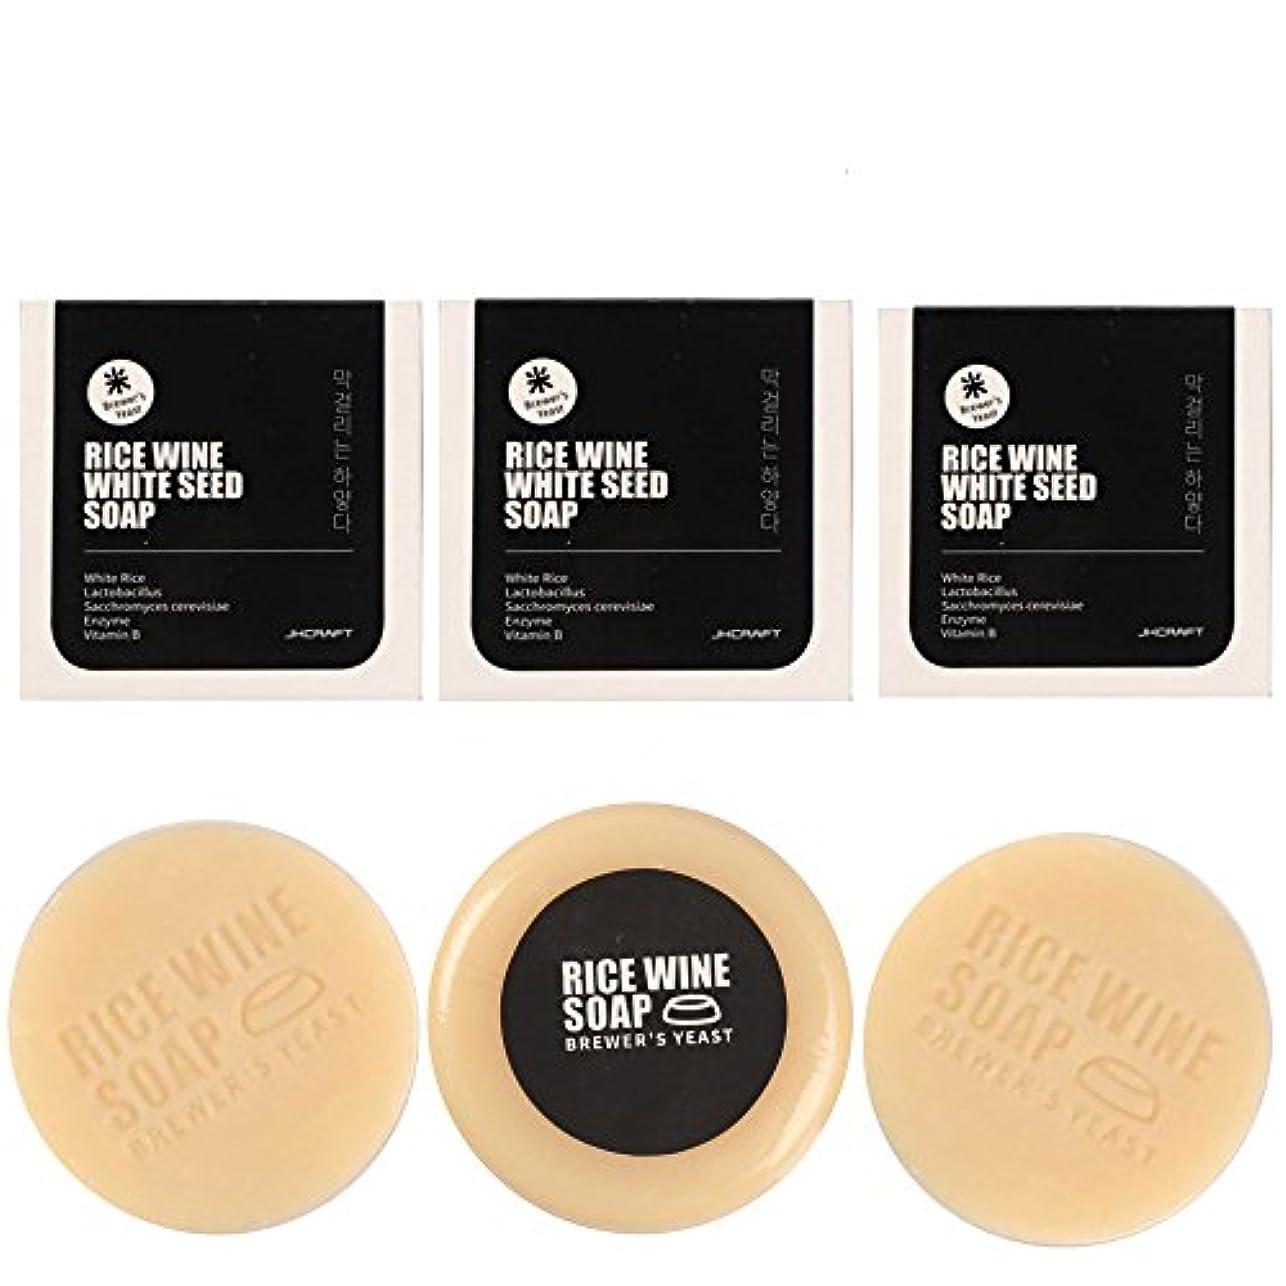 モート一流手足JKCRAFT RICEWINE WHITE SEED SOAP マッコリ酵母石鹸 3pcs [並行輸入品]マッコリ酵母石鹸,無添加,無刺激,天然洗顔石鹸